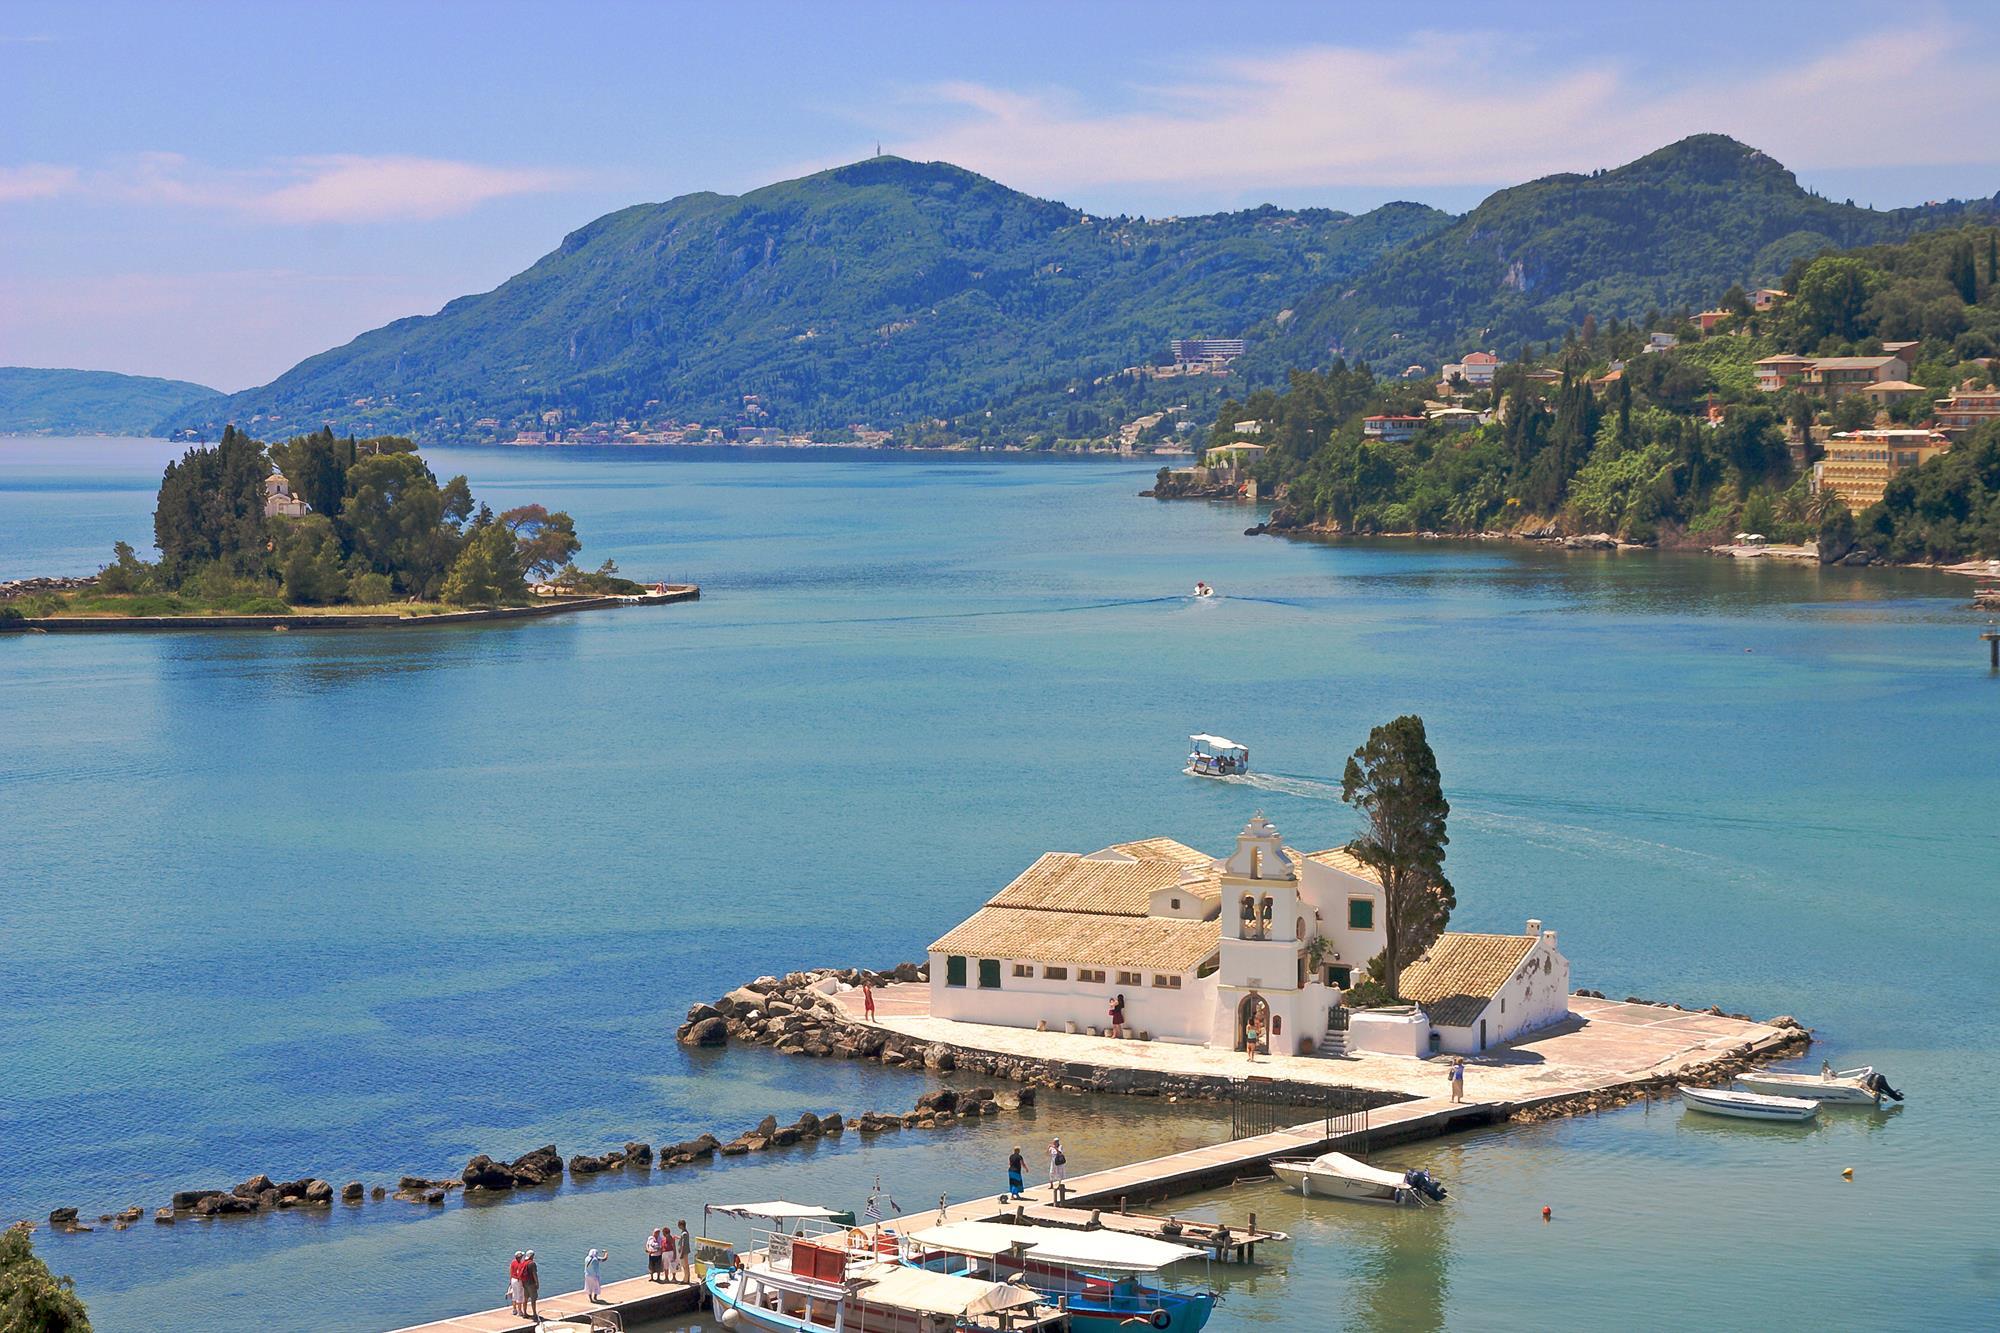 Остров на котором расположен монастырь Влахерна